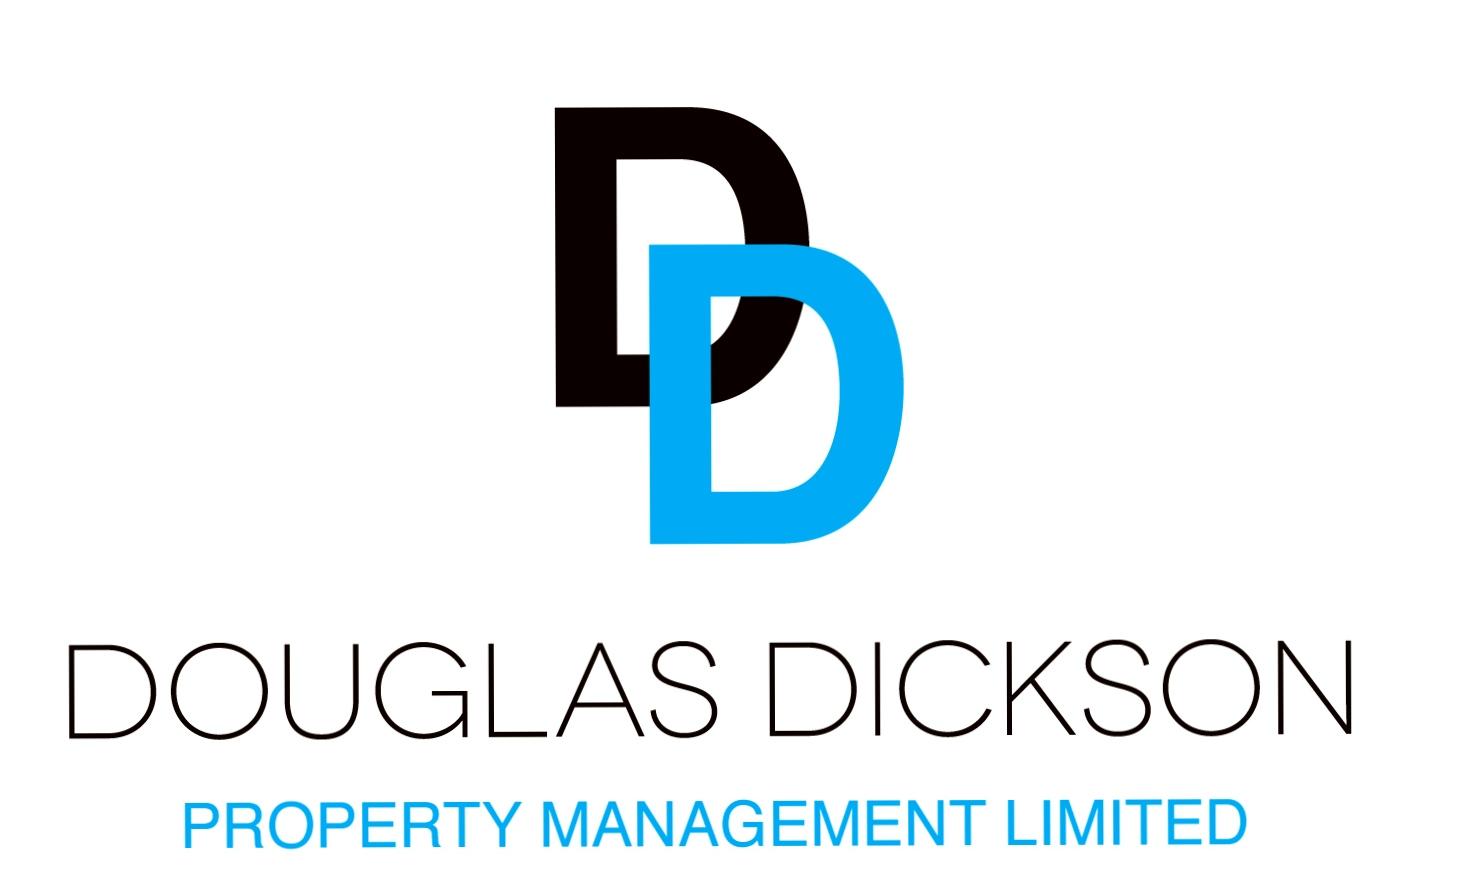 www.douglasdickson.co.uk